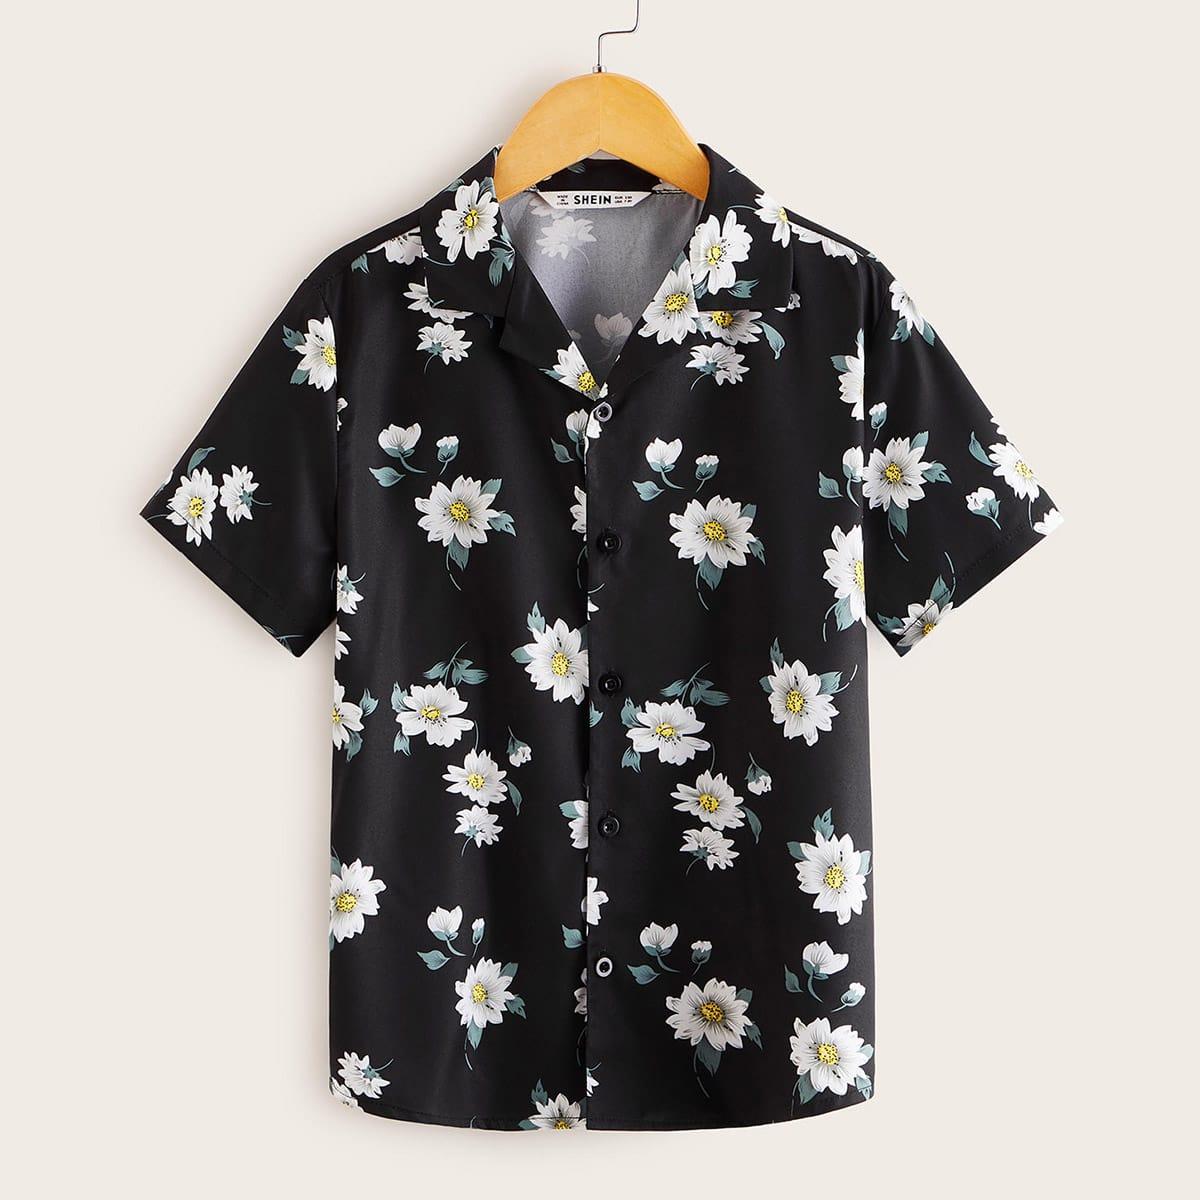 Рубашка с цветочным принтом для мальчиков от SHEIN